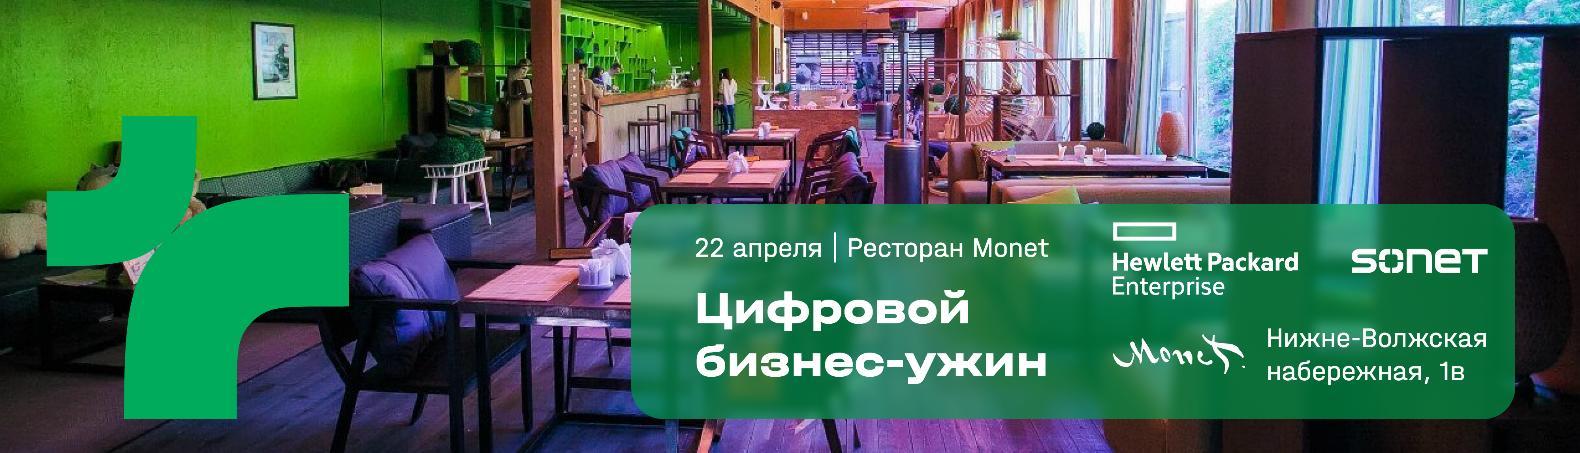 """Бизнес-ужин с HPE и """"СОНЕТ"""""""